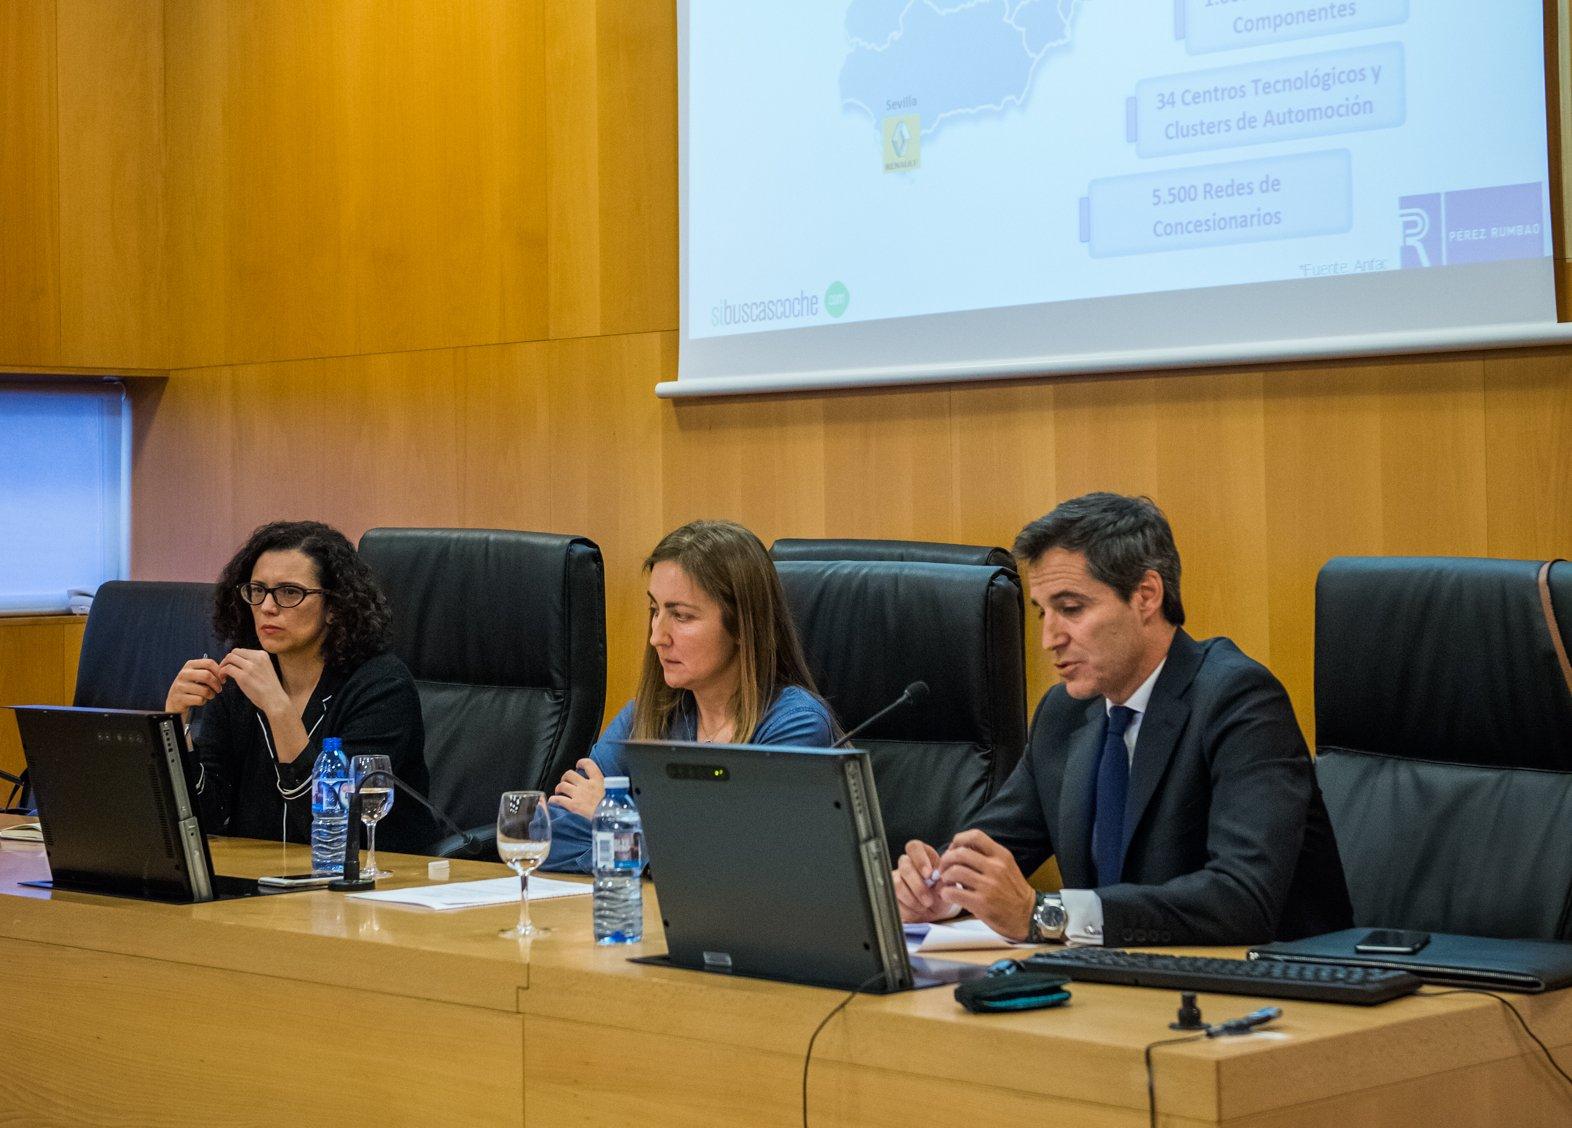 Joaquin Perez Bellido -Univ Coruña